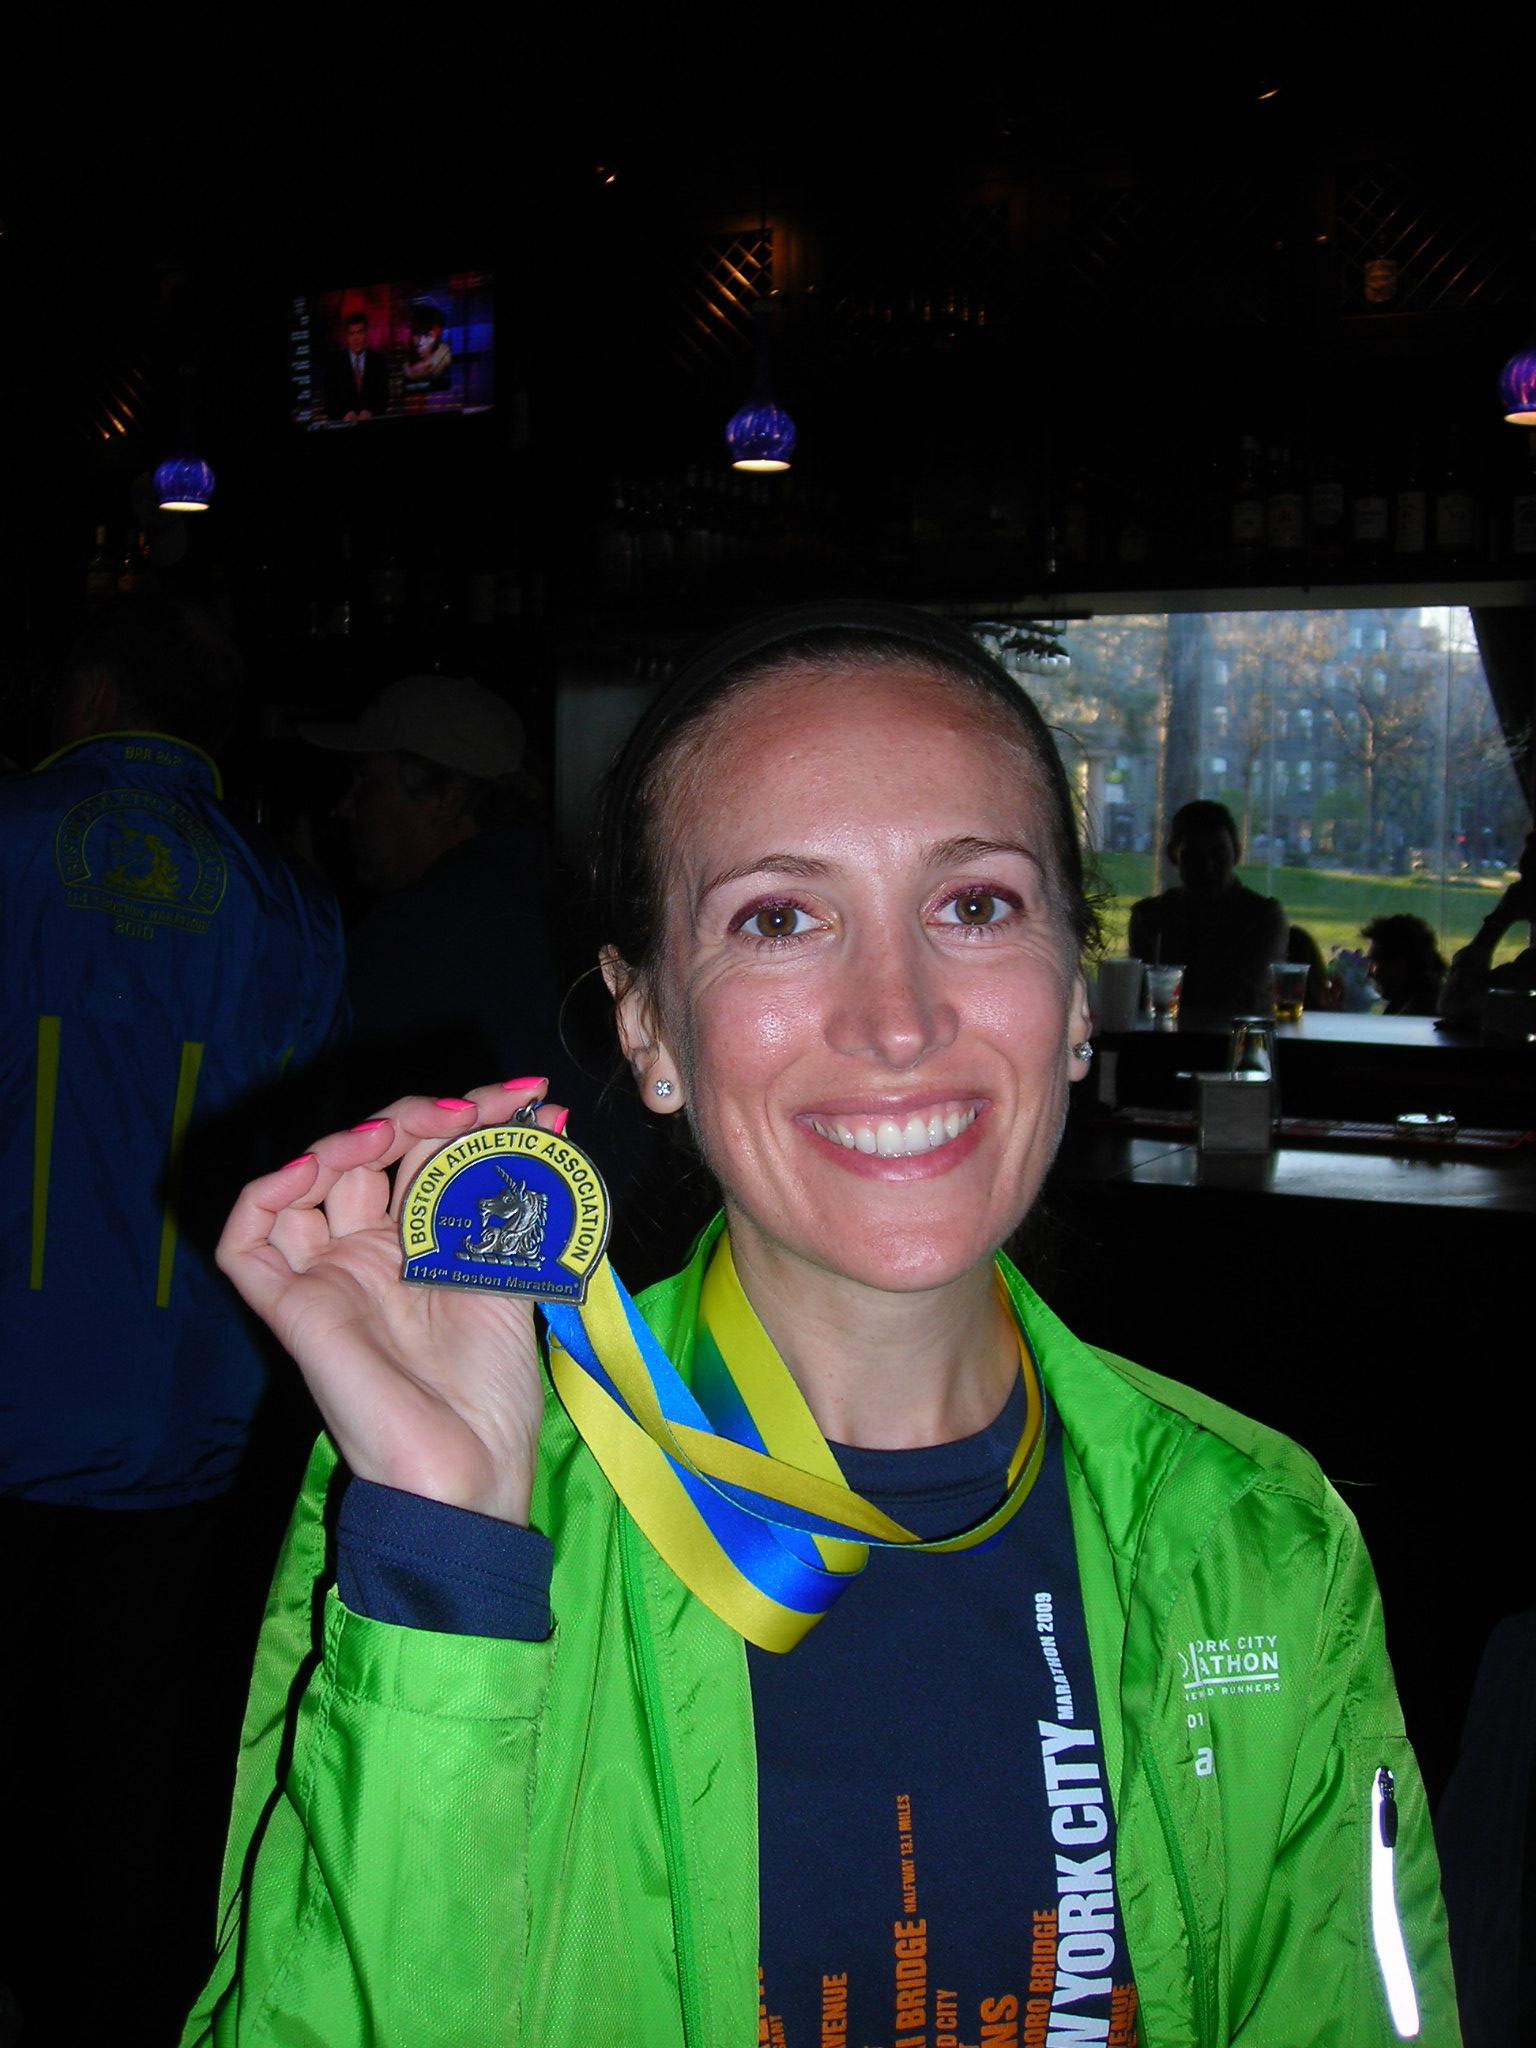 baa Boston marathon 2010 (55)